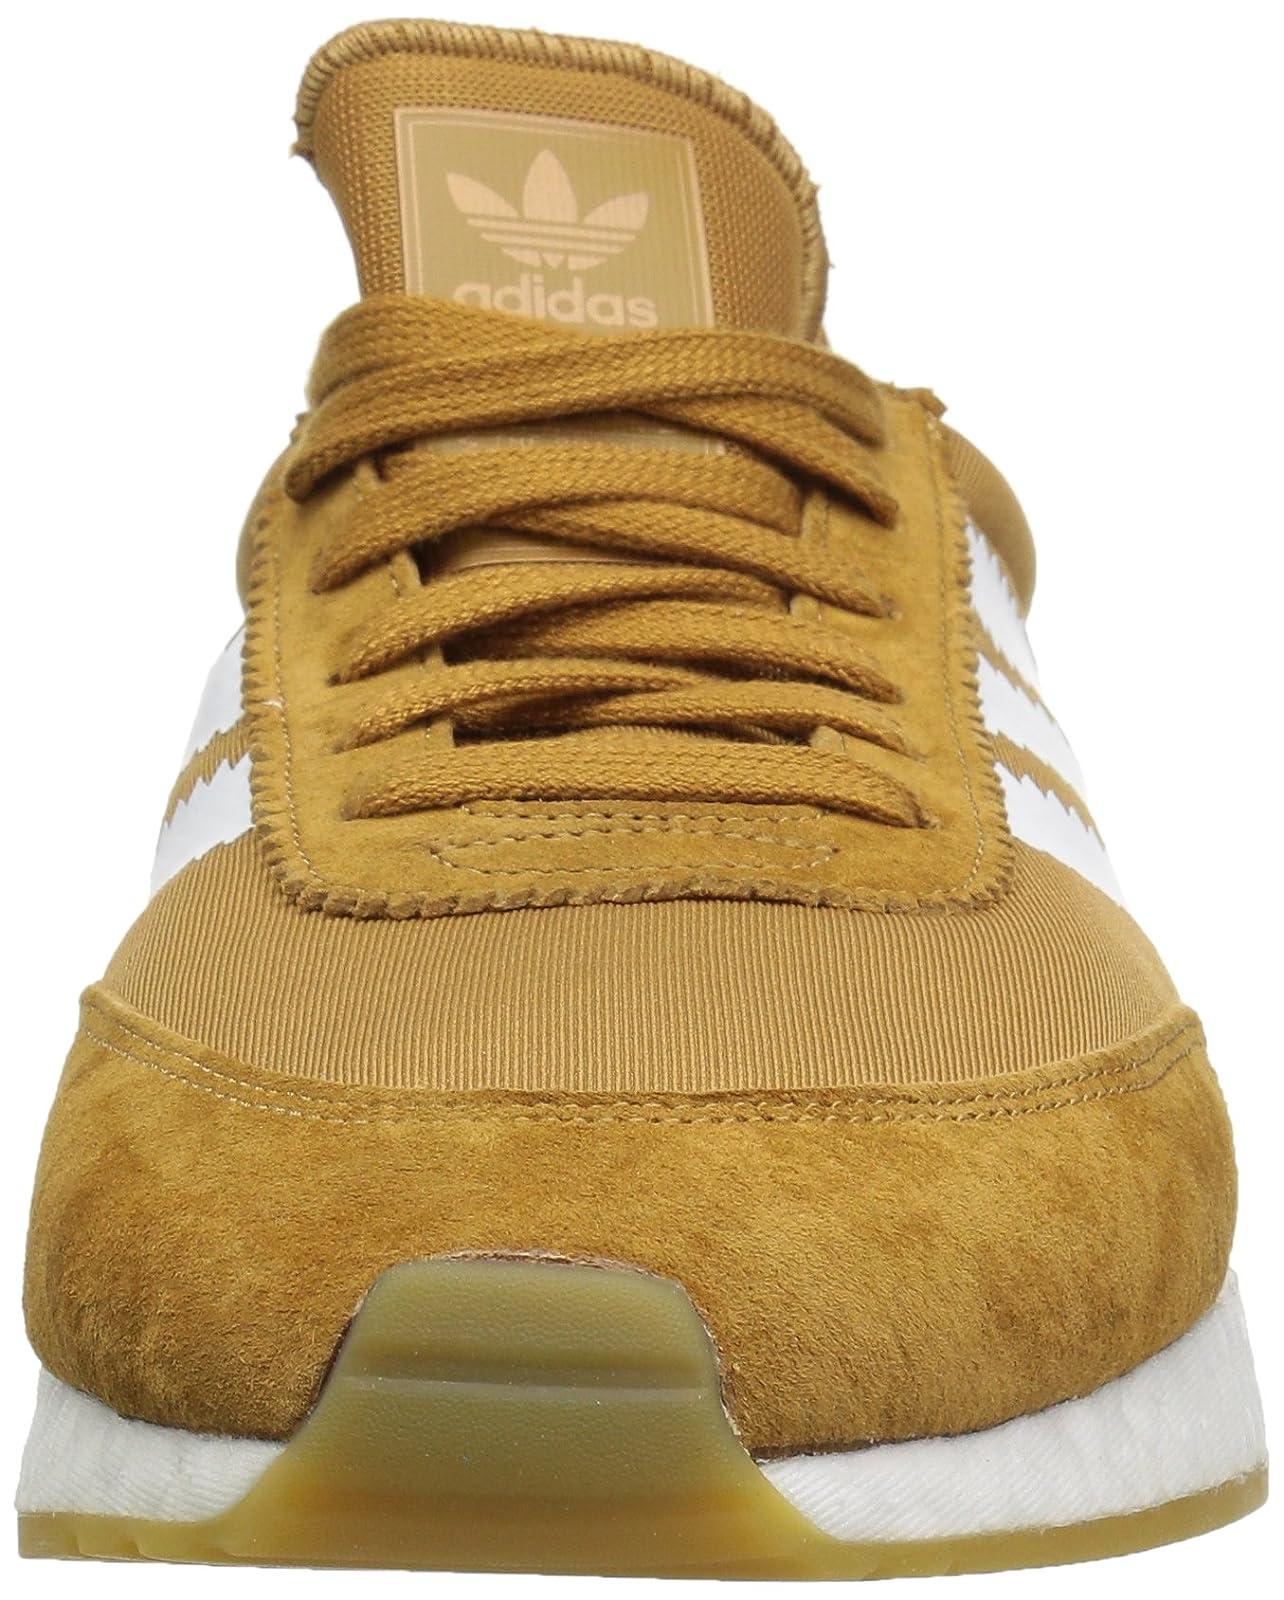 adidas Originals Men's I-5923 CQ2490 Core Black/White/Copper Metallic - 4